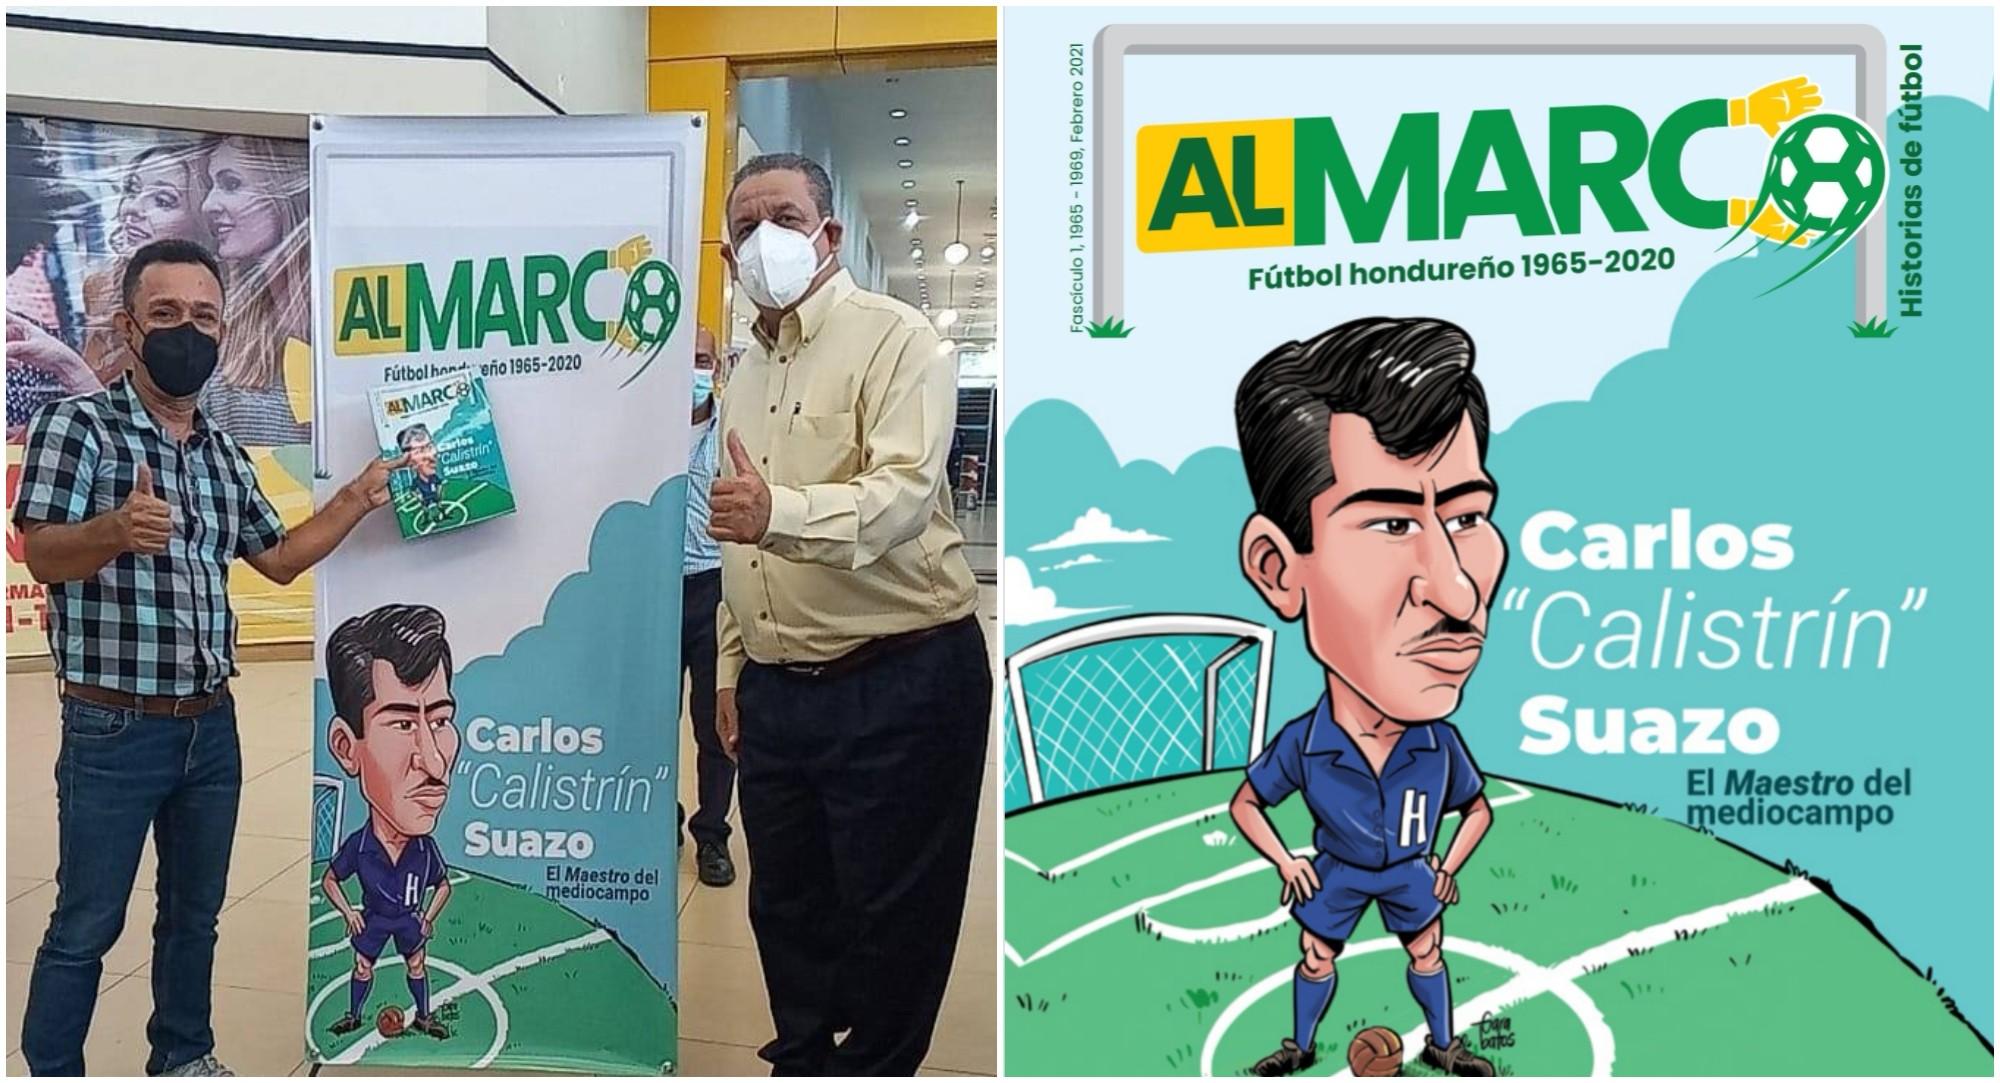 «Al Marco», la nueva revista que narra la historia del fútbol hondureño